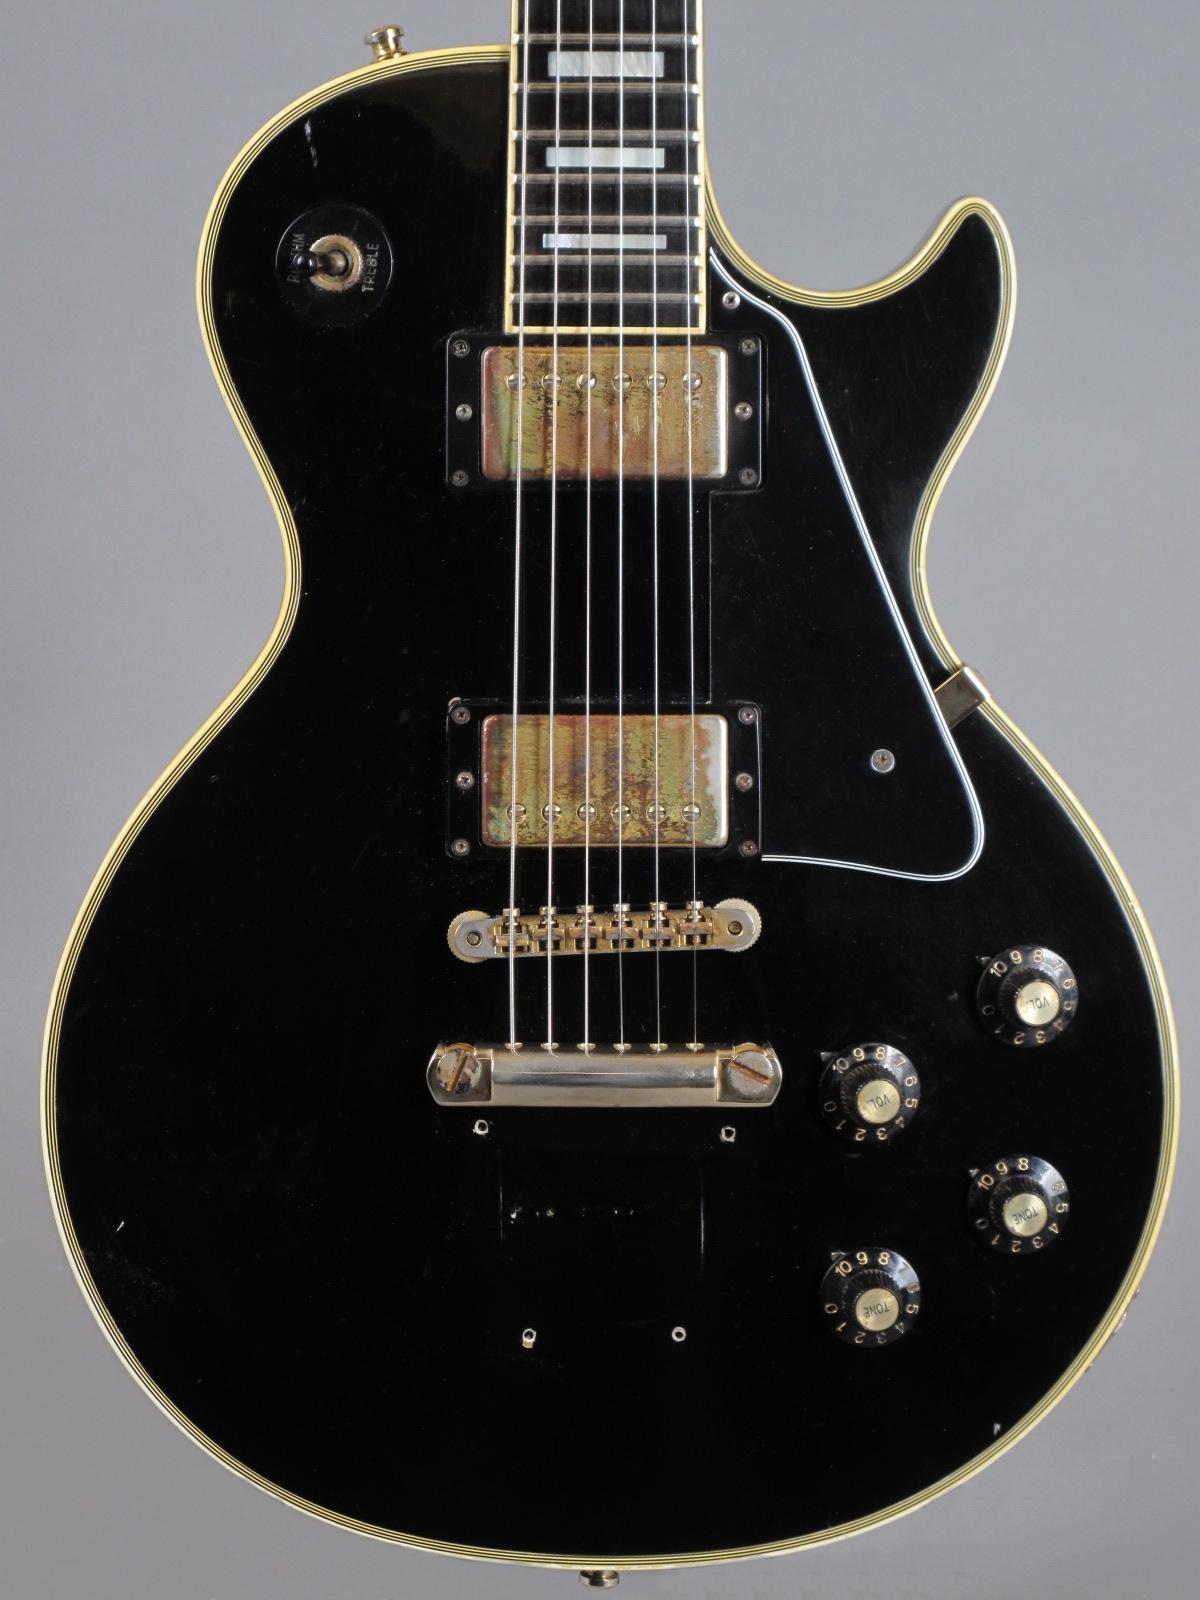 1974 Gibson Les Paul Custom - Ebony